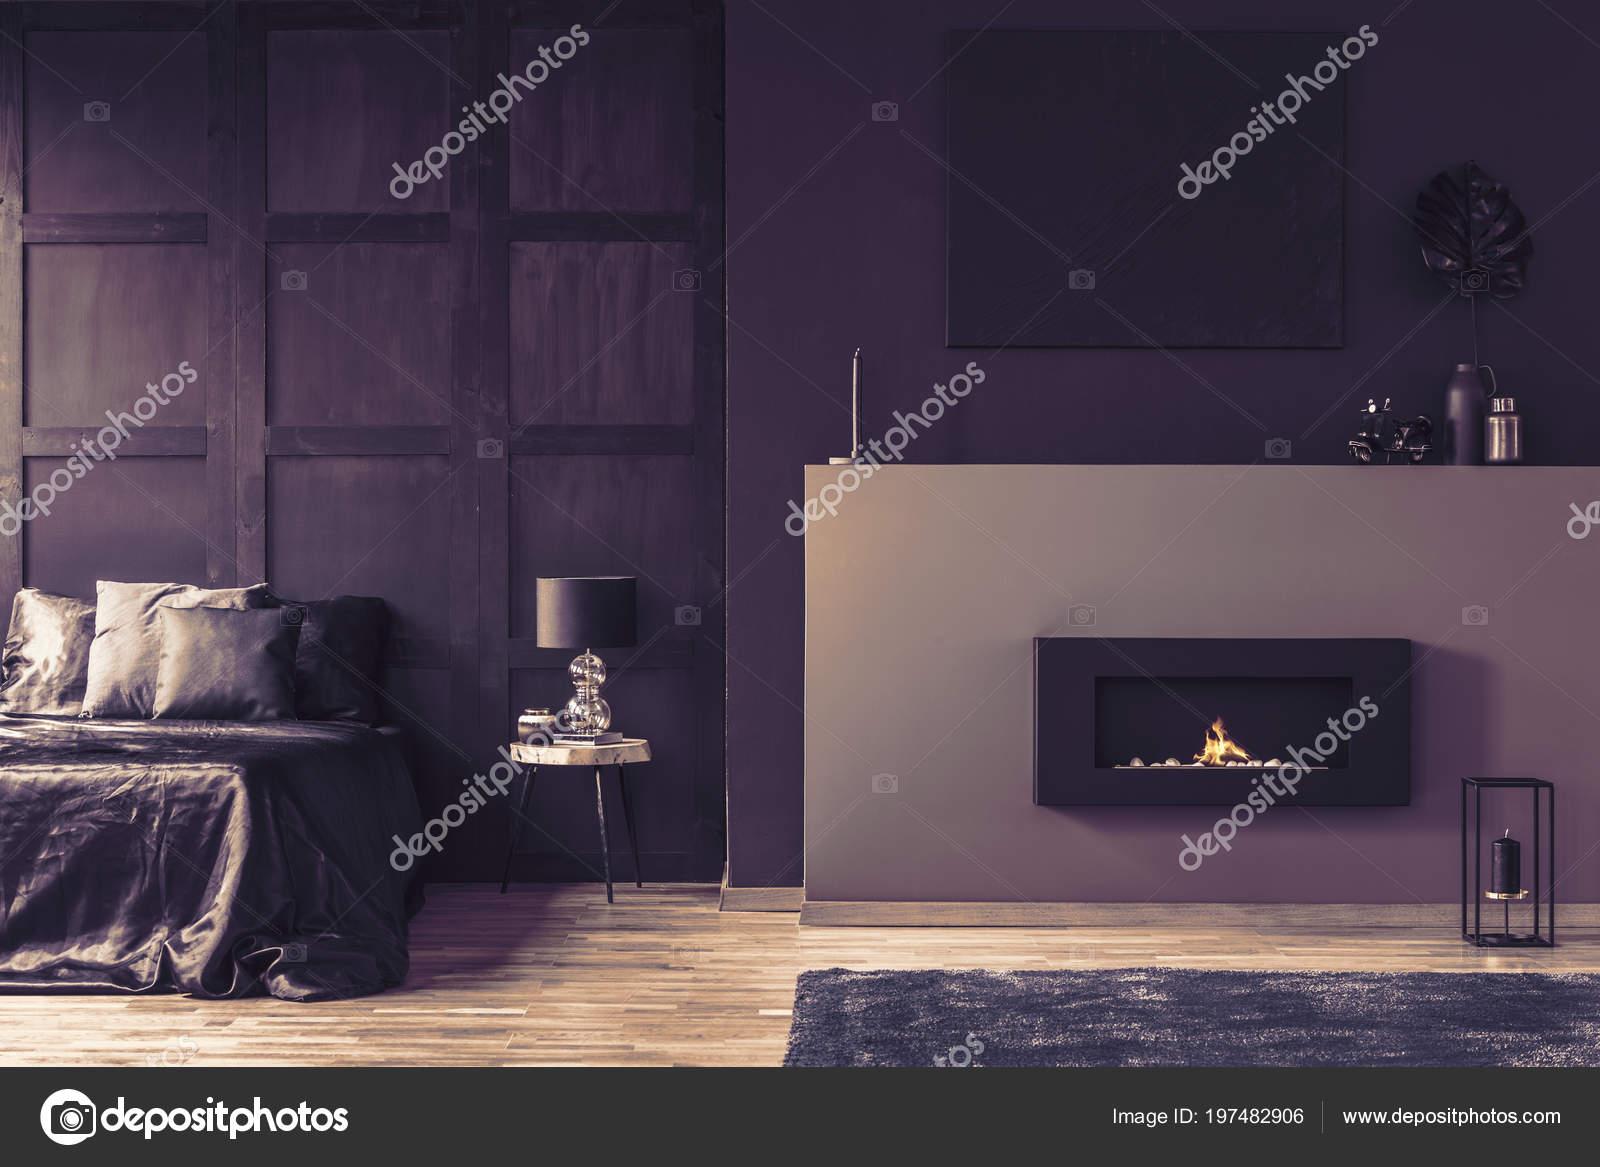 cheminée intérieur Élégant chambre sombre avec lampe sur une table